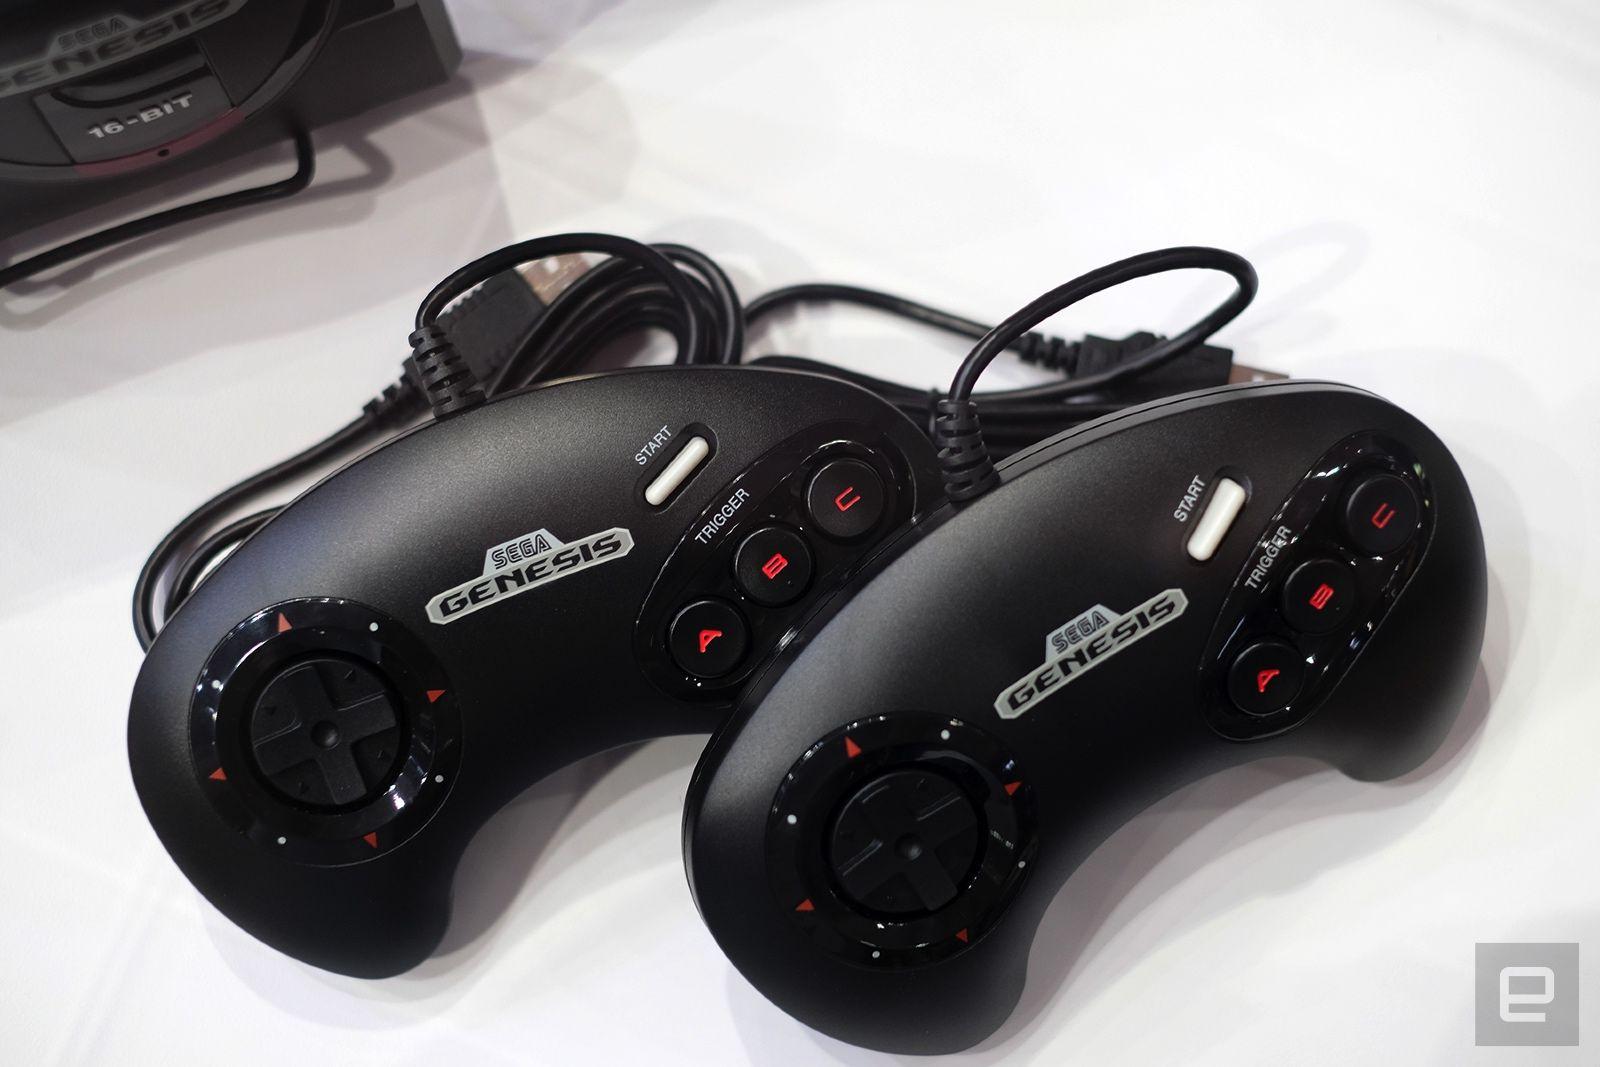 Sega Genesis Mini controllers